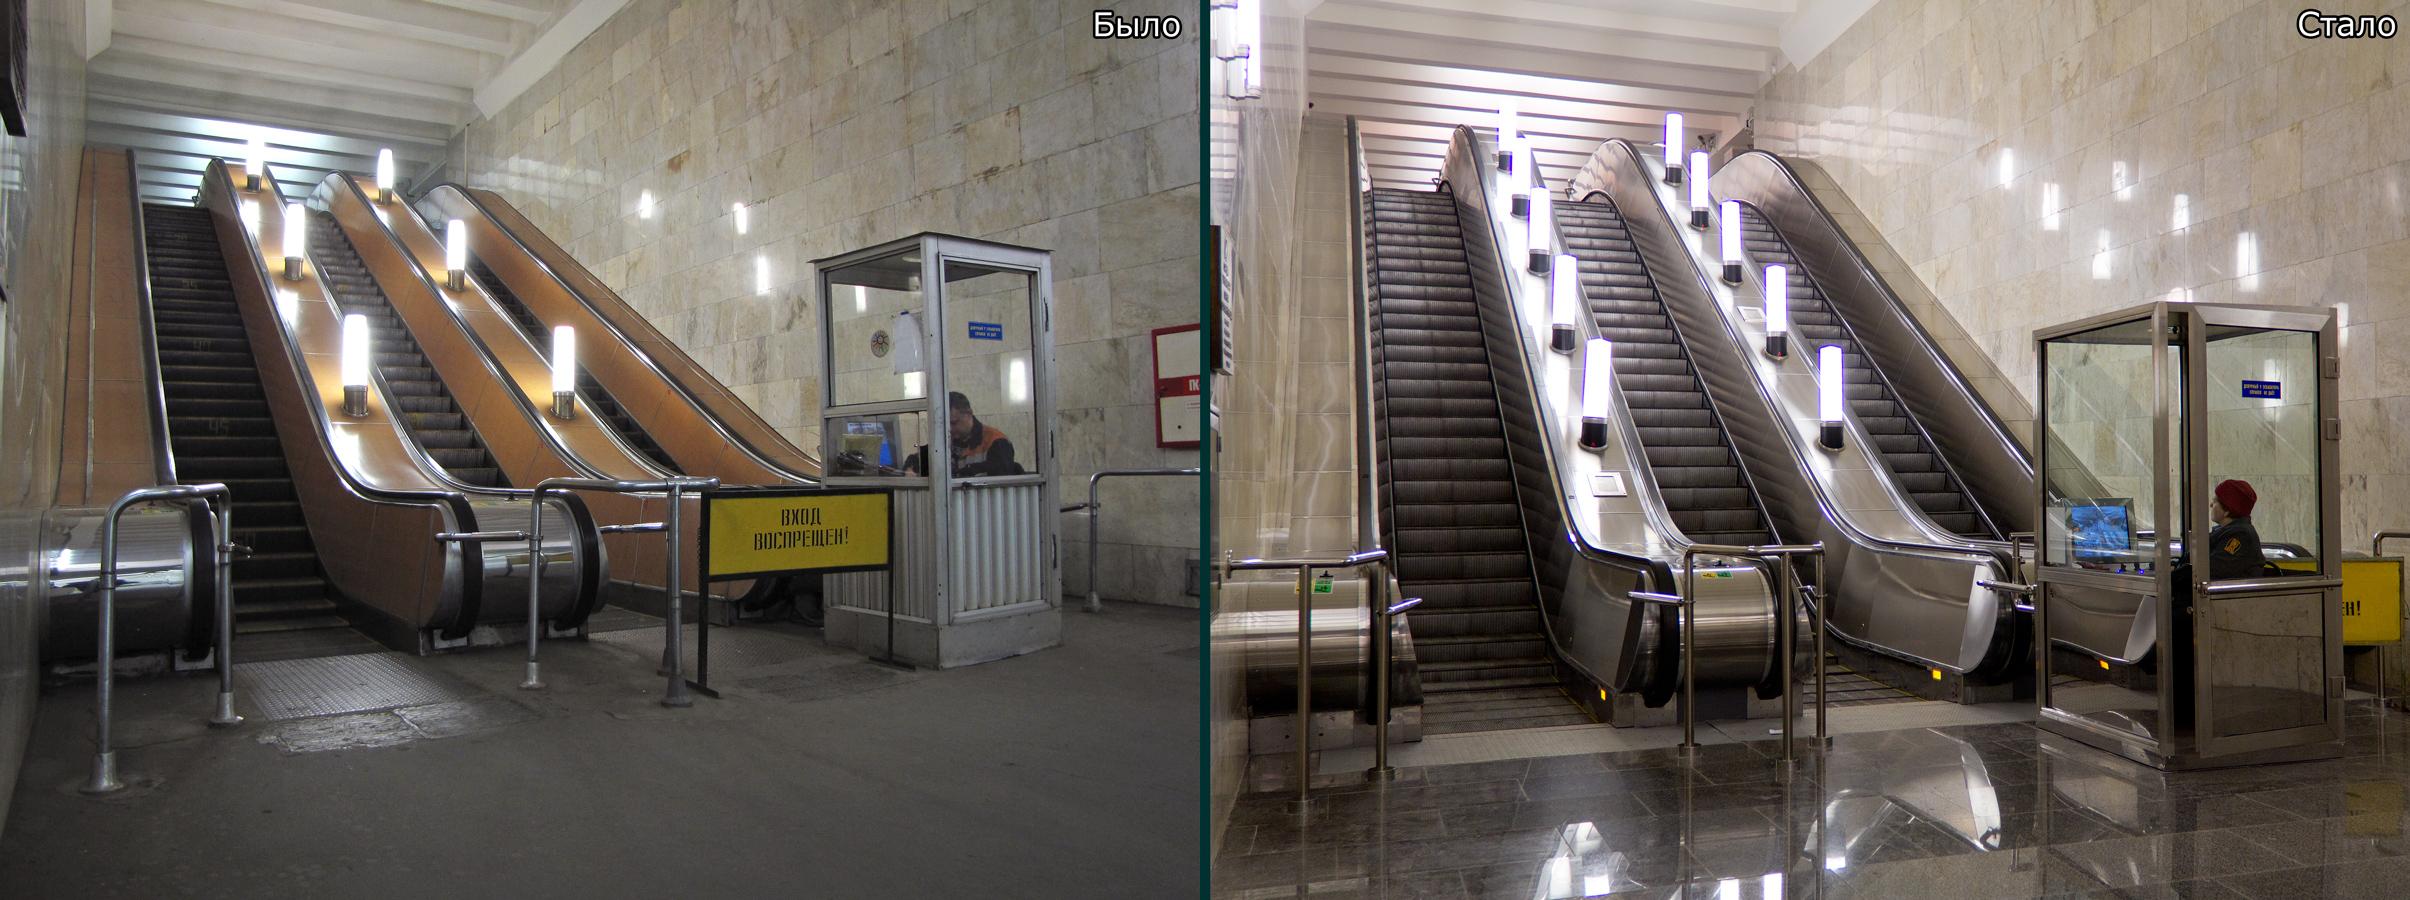 Путаны метро бабушкинская 11 фотография